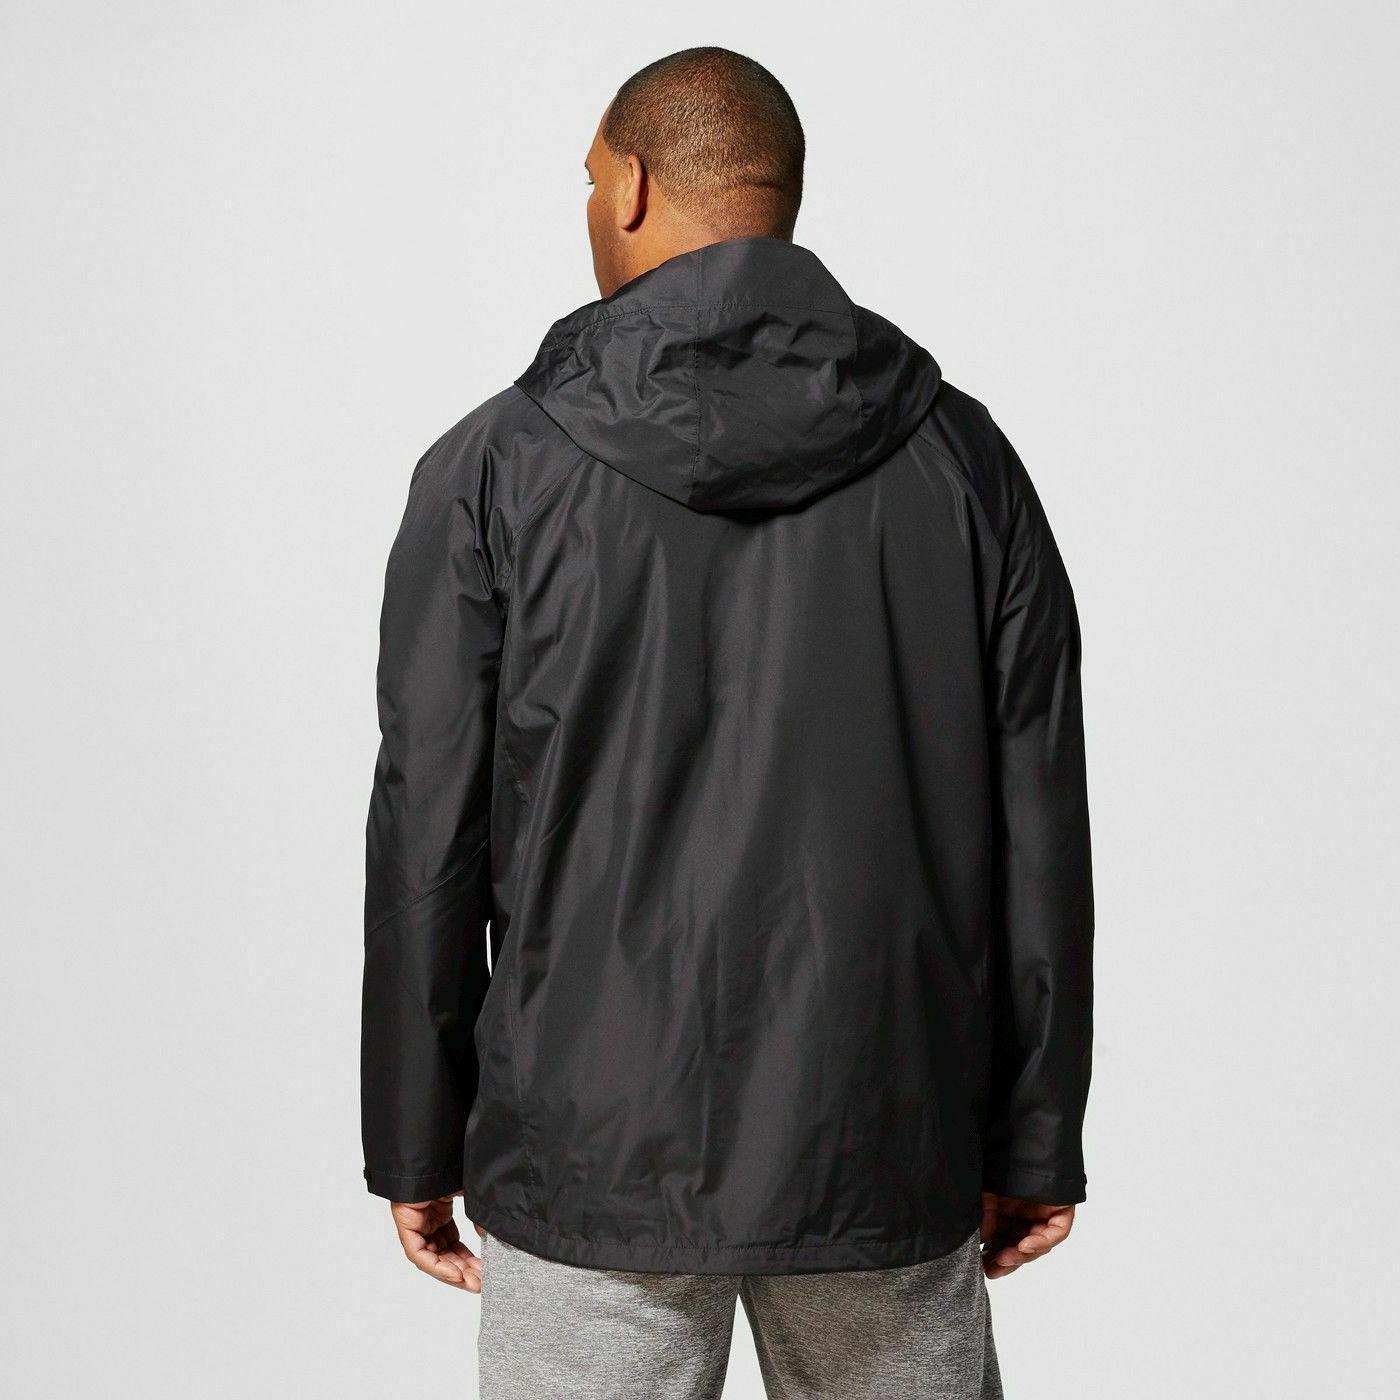 NEW & Black Waterproof